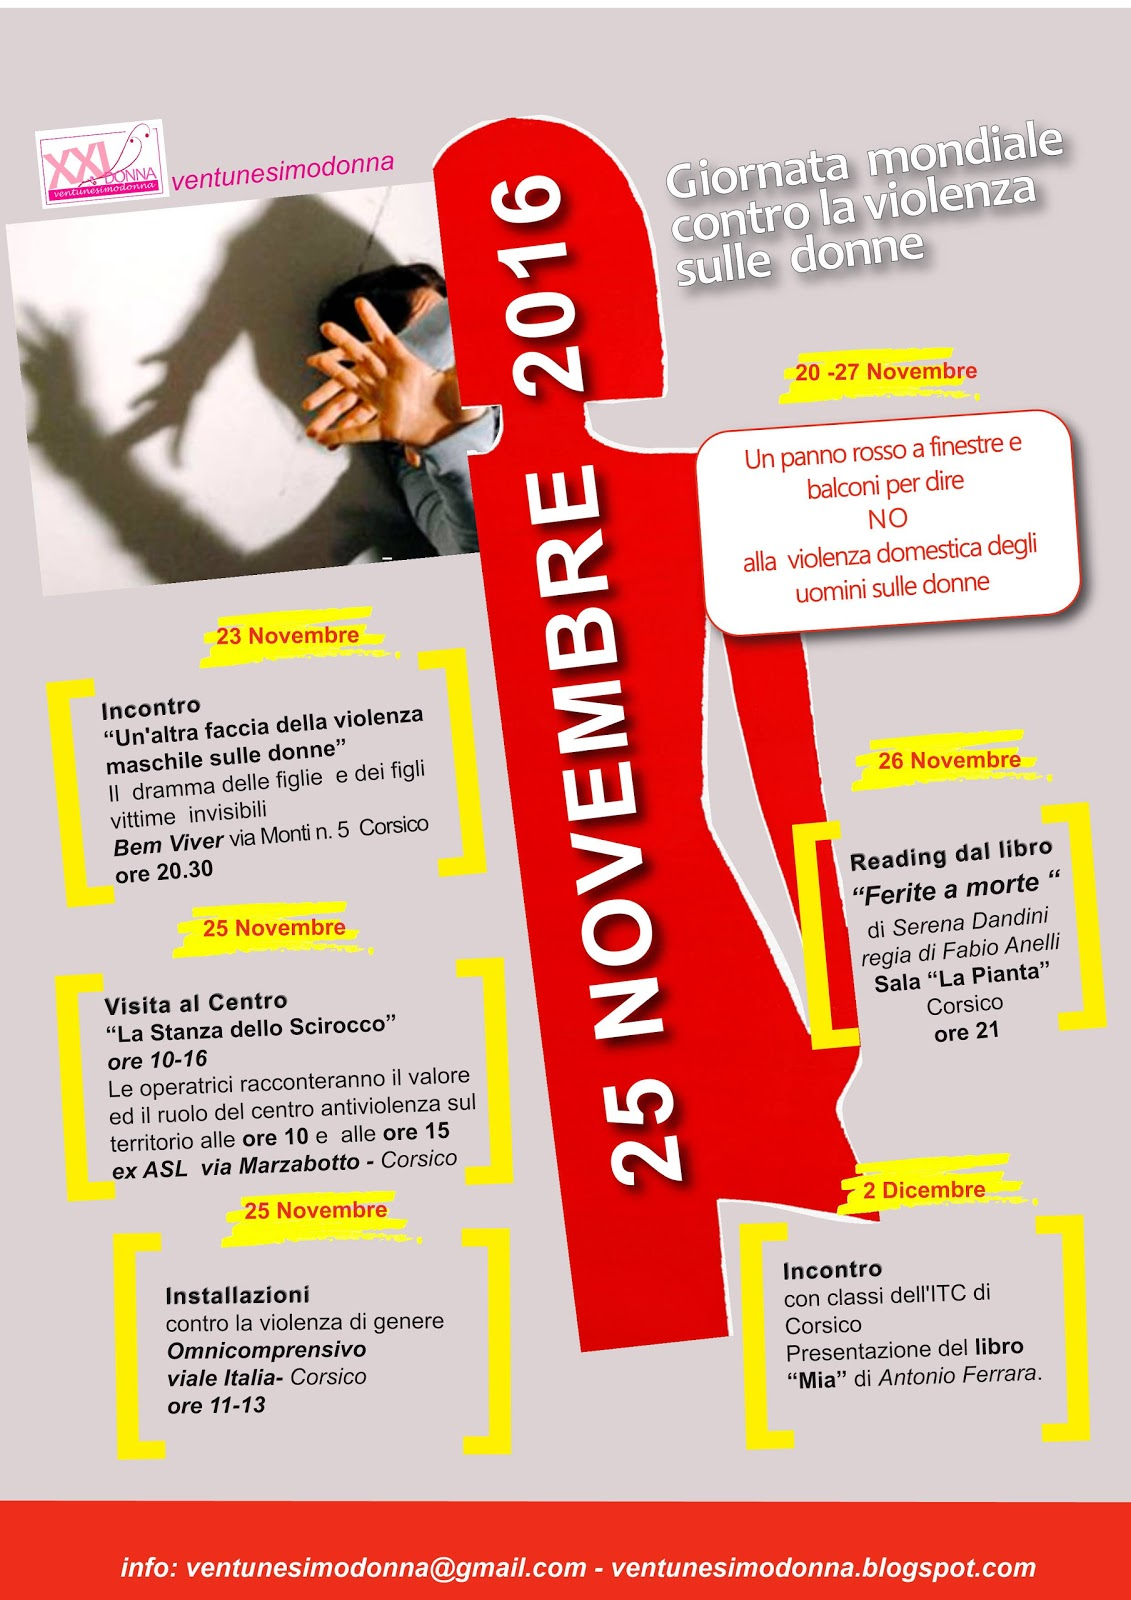 ecco tutte le iniziative organizzate da ventunesimodonna in occasione della  Giornata mondiale contro la violenza sulle donne 4a4a538e0c0